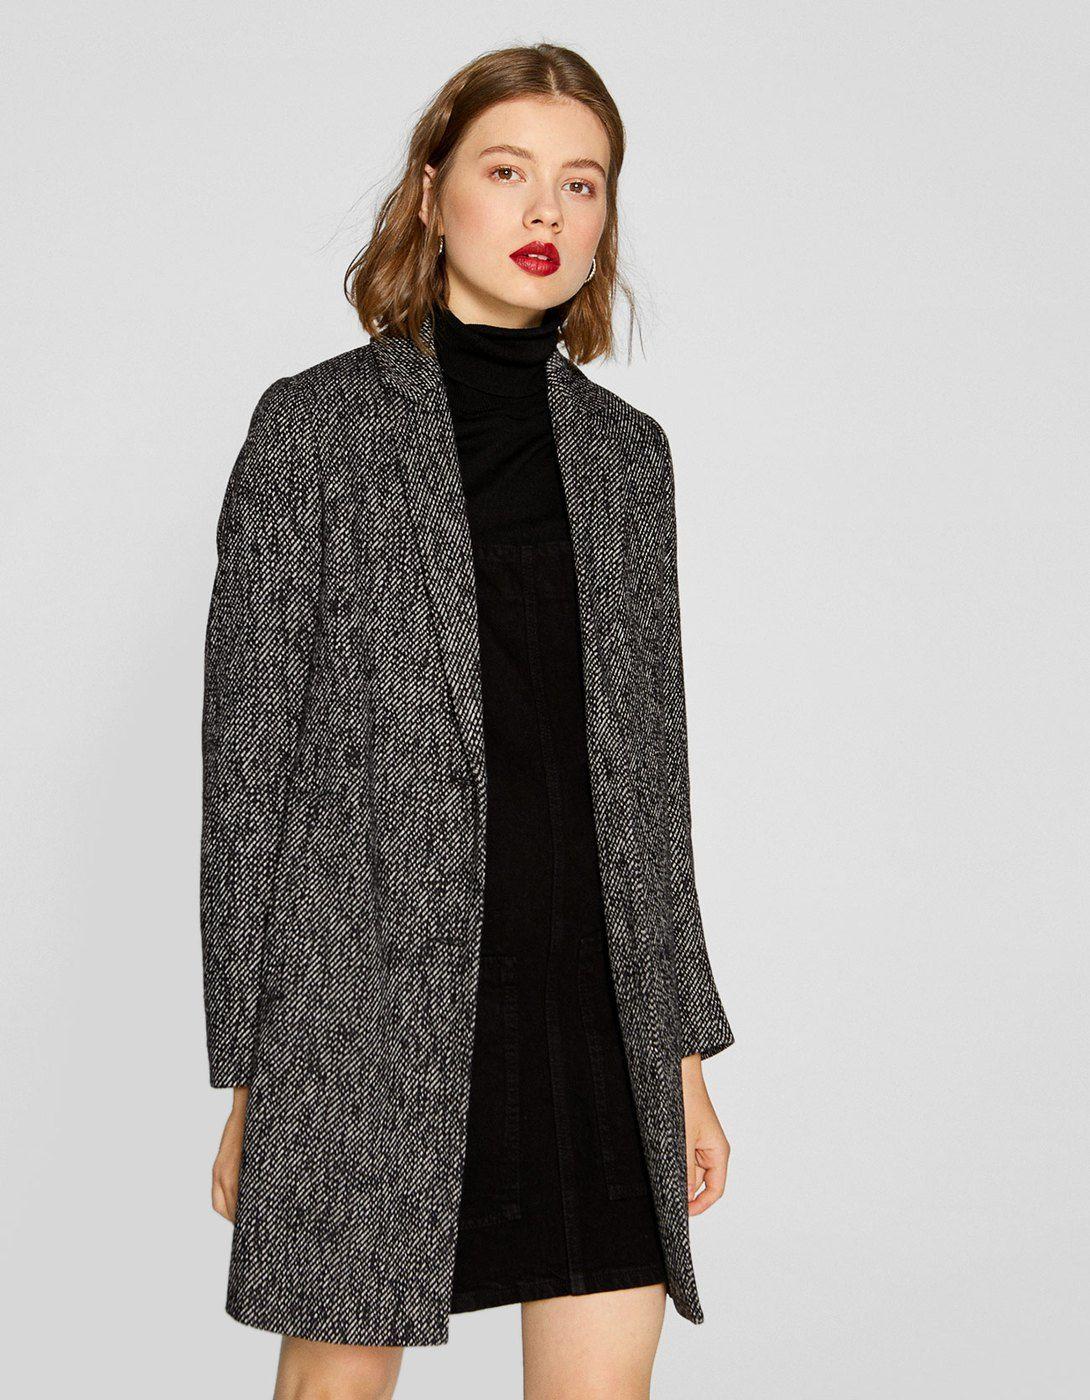 283fb11469 Płaszcz w jodełkę - Płaszcze i kurtki